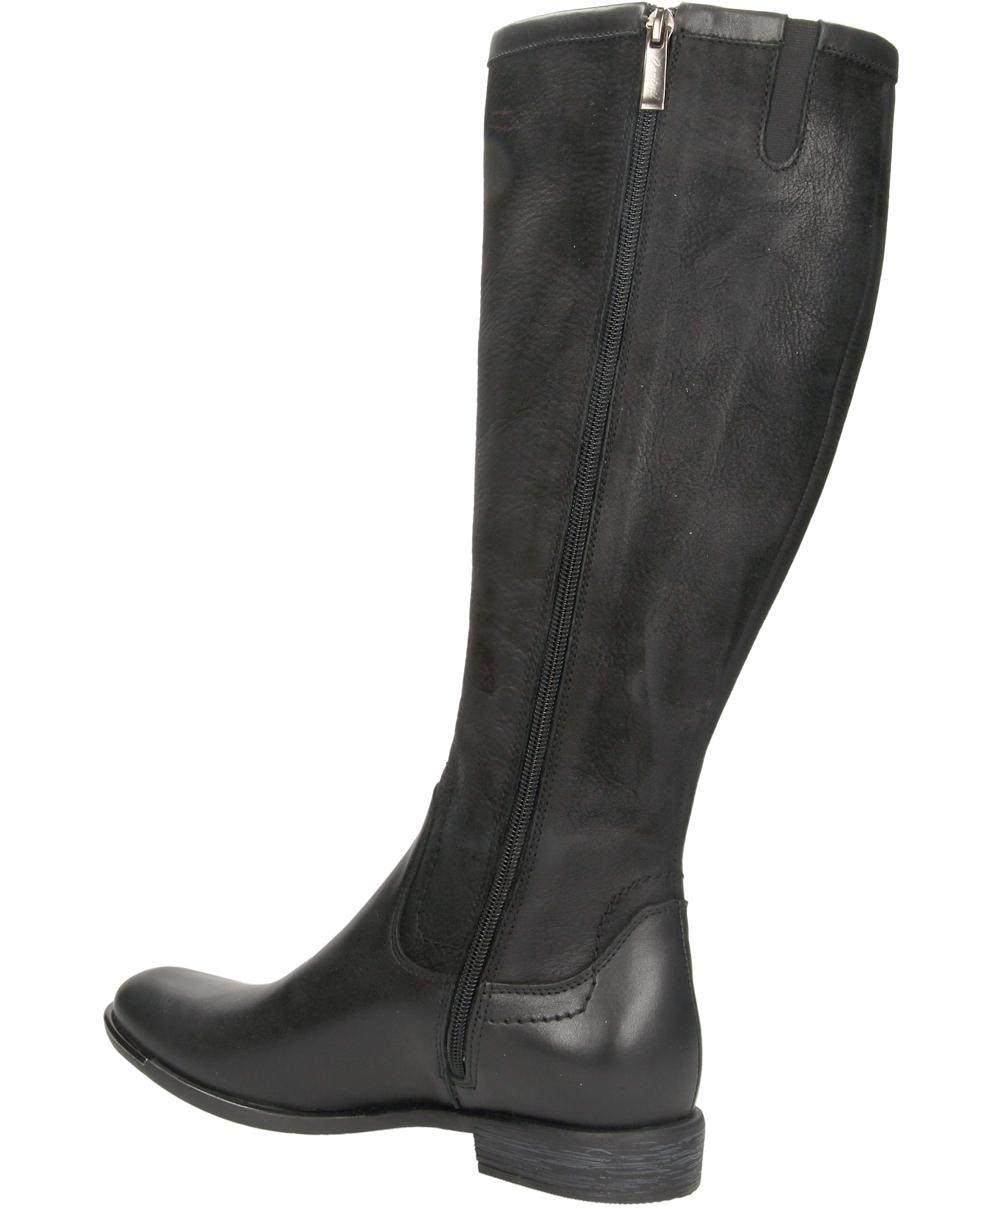 KOZAKI CARINII L_1740 kolor czarny